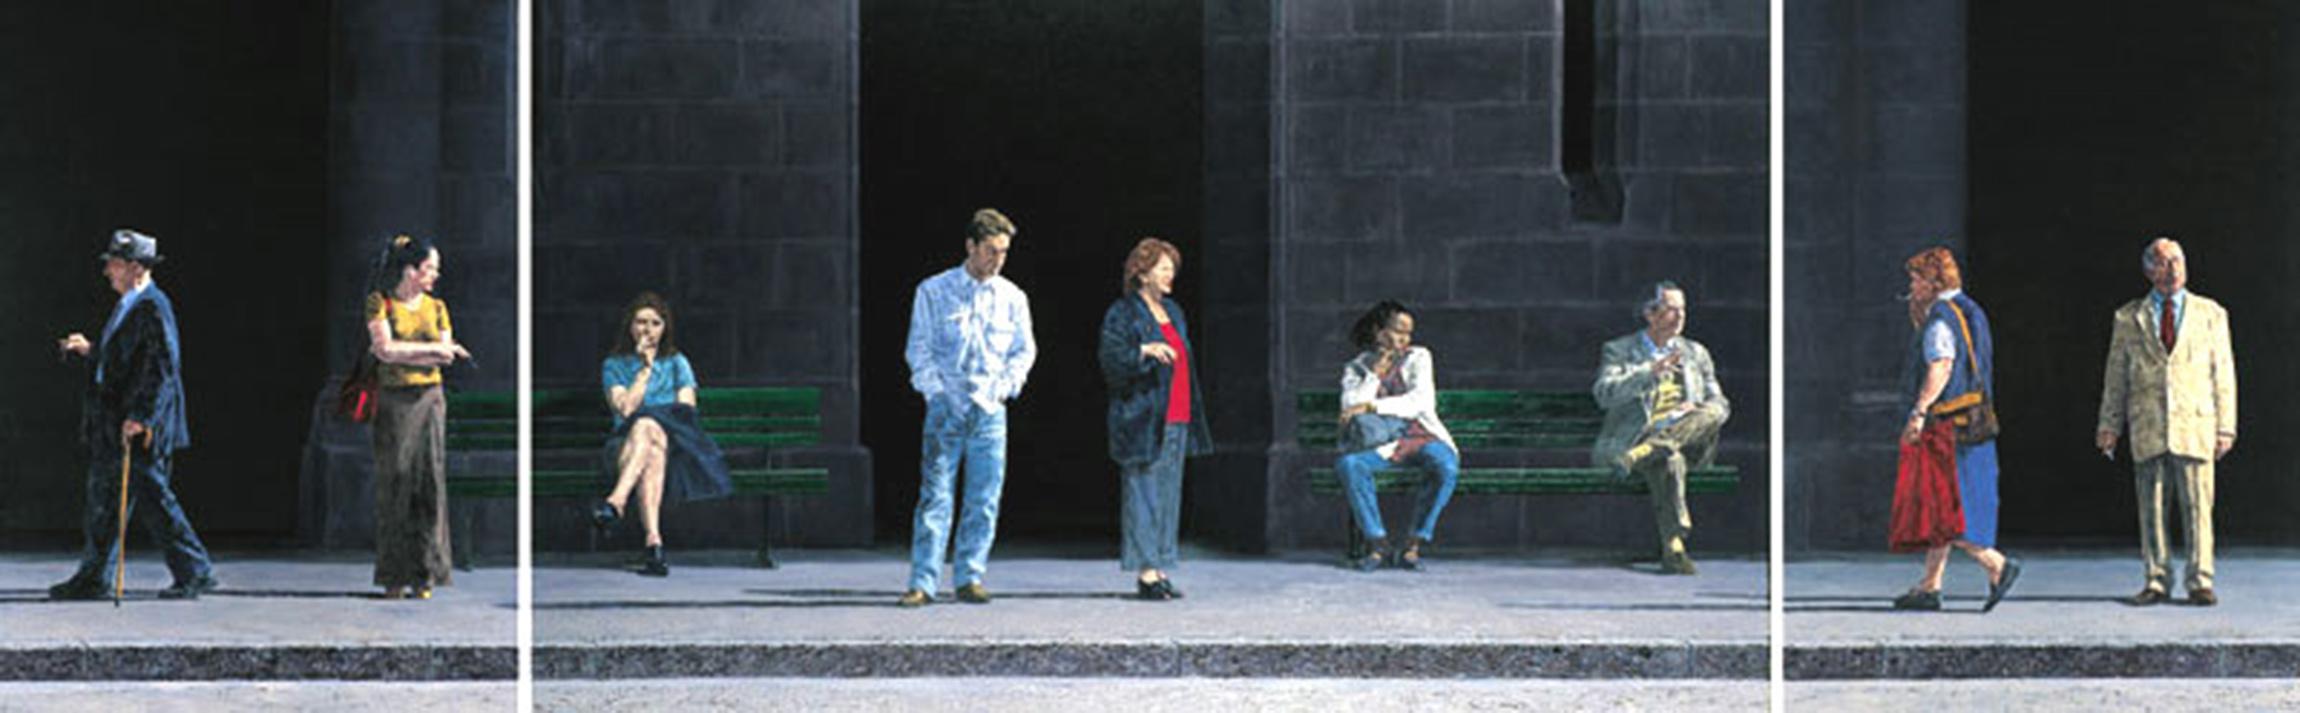 LAUSANNE, PLACE ST-FRANCOIS, 1999, 100x312